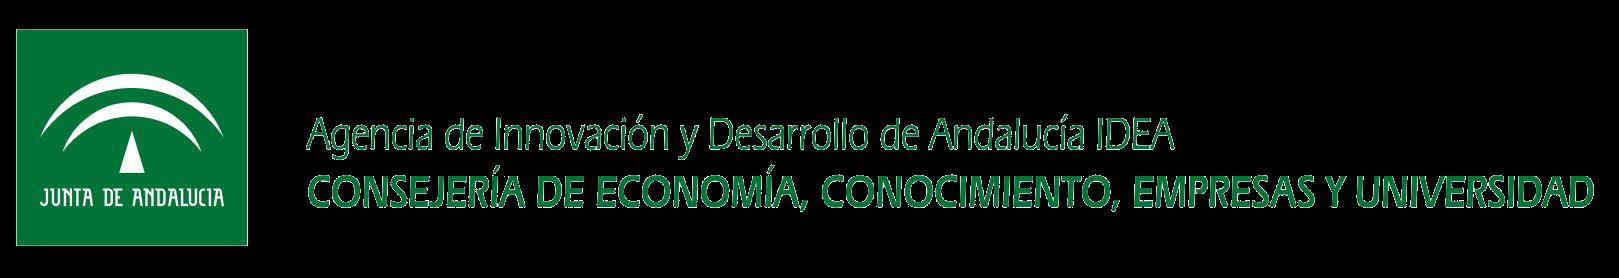 IDEA Agencia de Innovación y Desarrollo de Andalucia